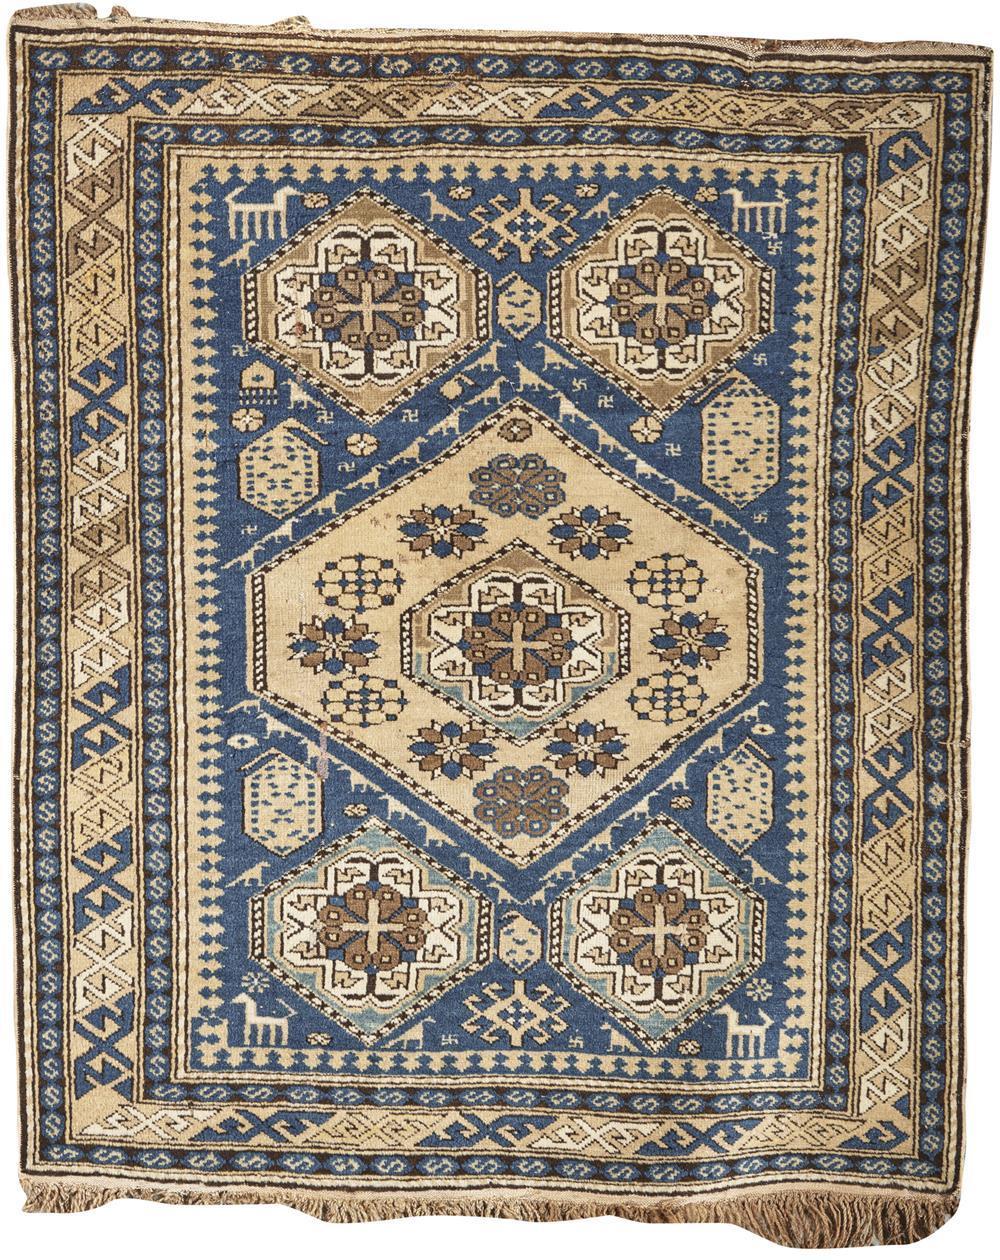 Baku Small Rug, Caucasus, ca. 1900; 3 ft. 7 in. x 3 ft.